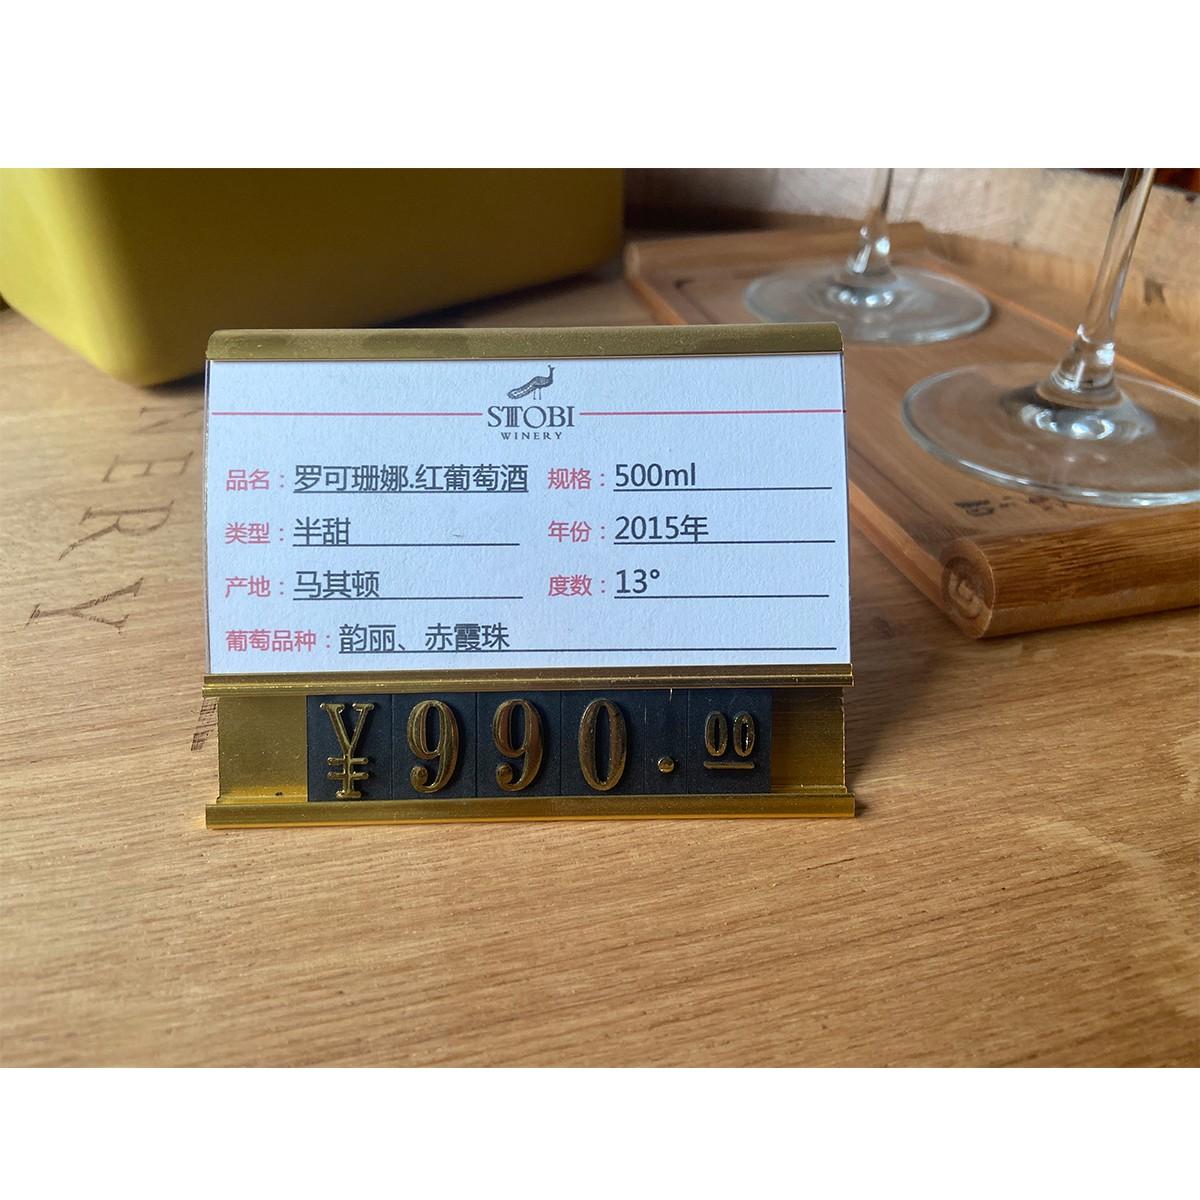 斯多比葡萄酒价格标签牌